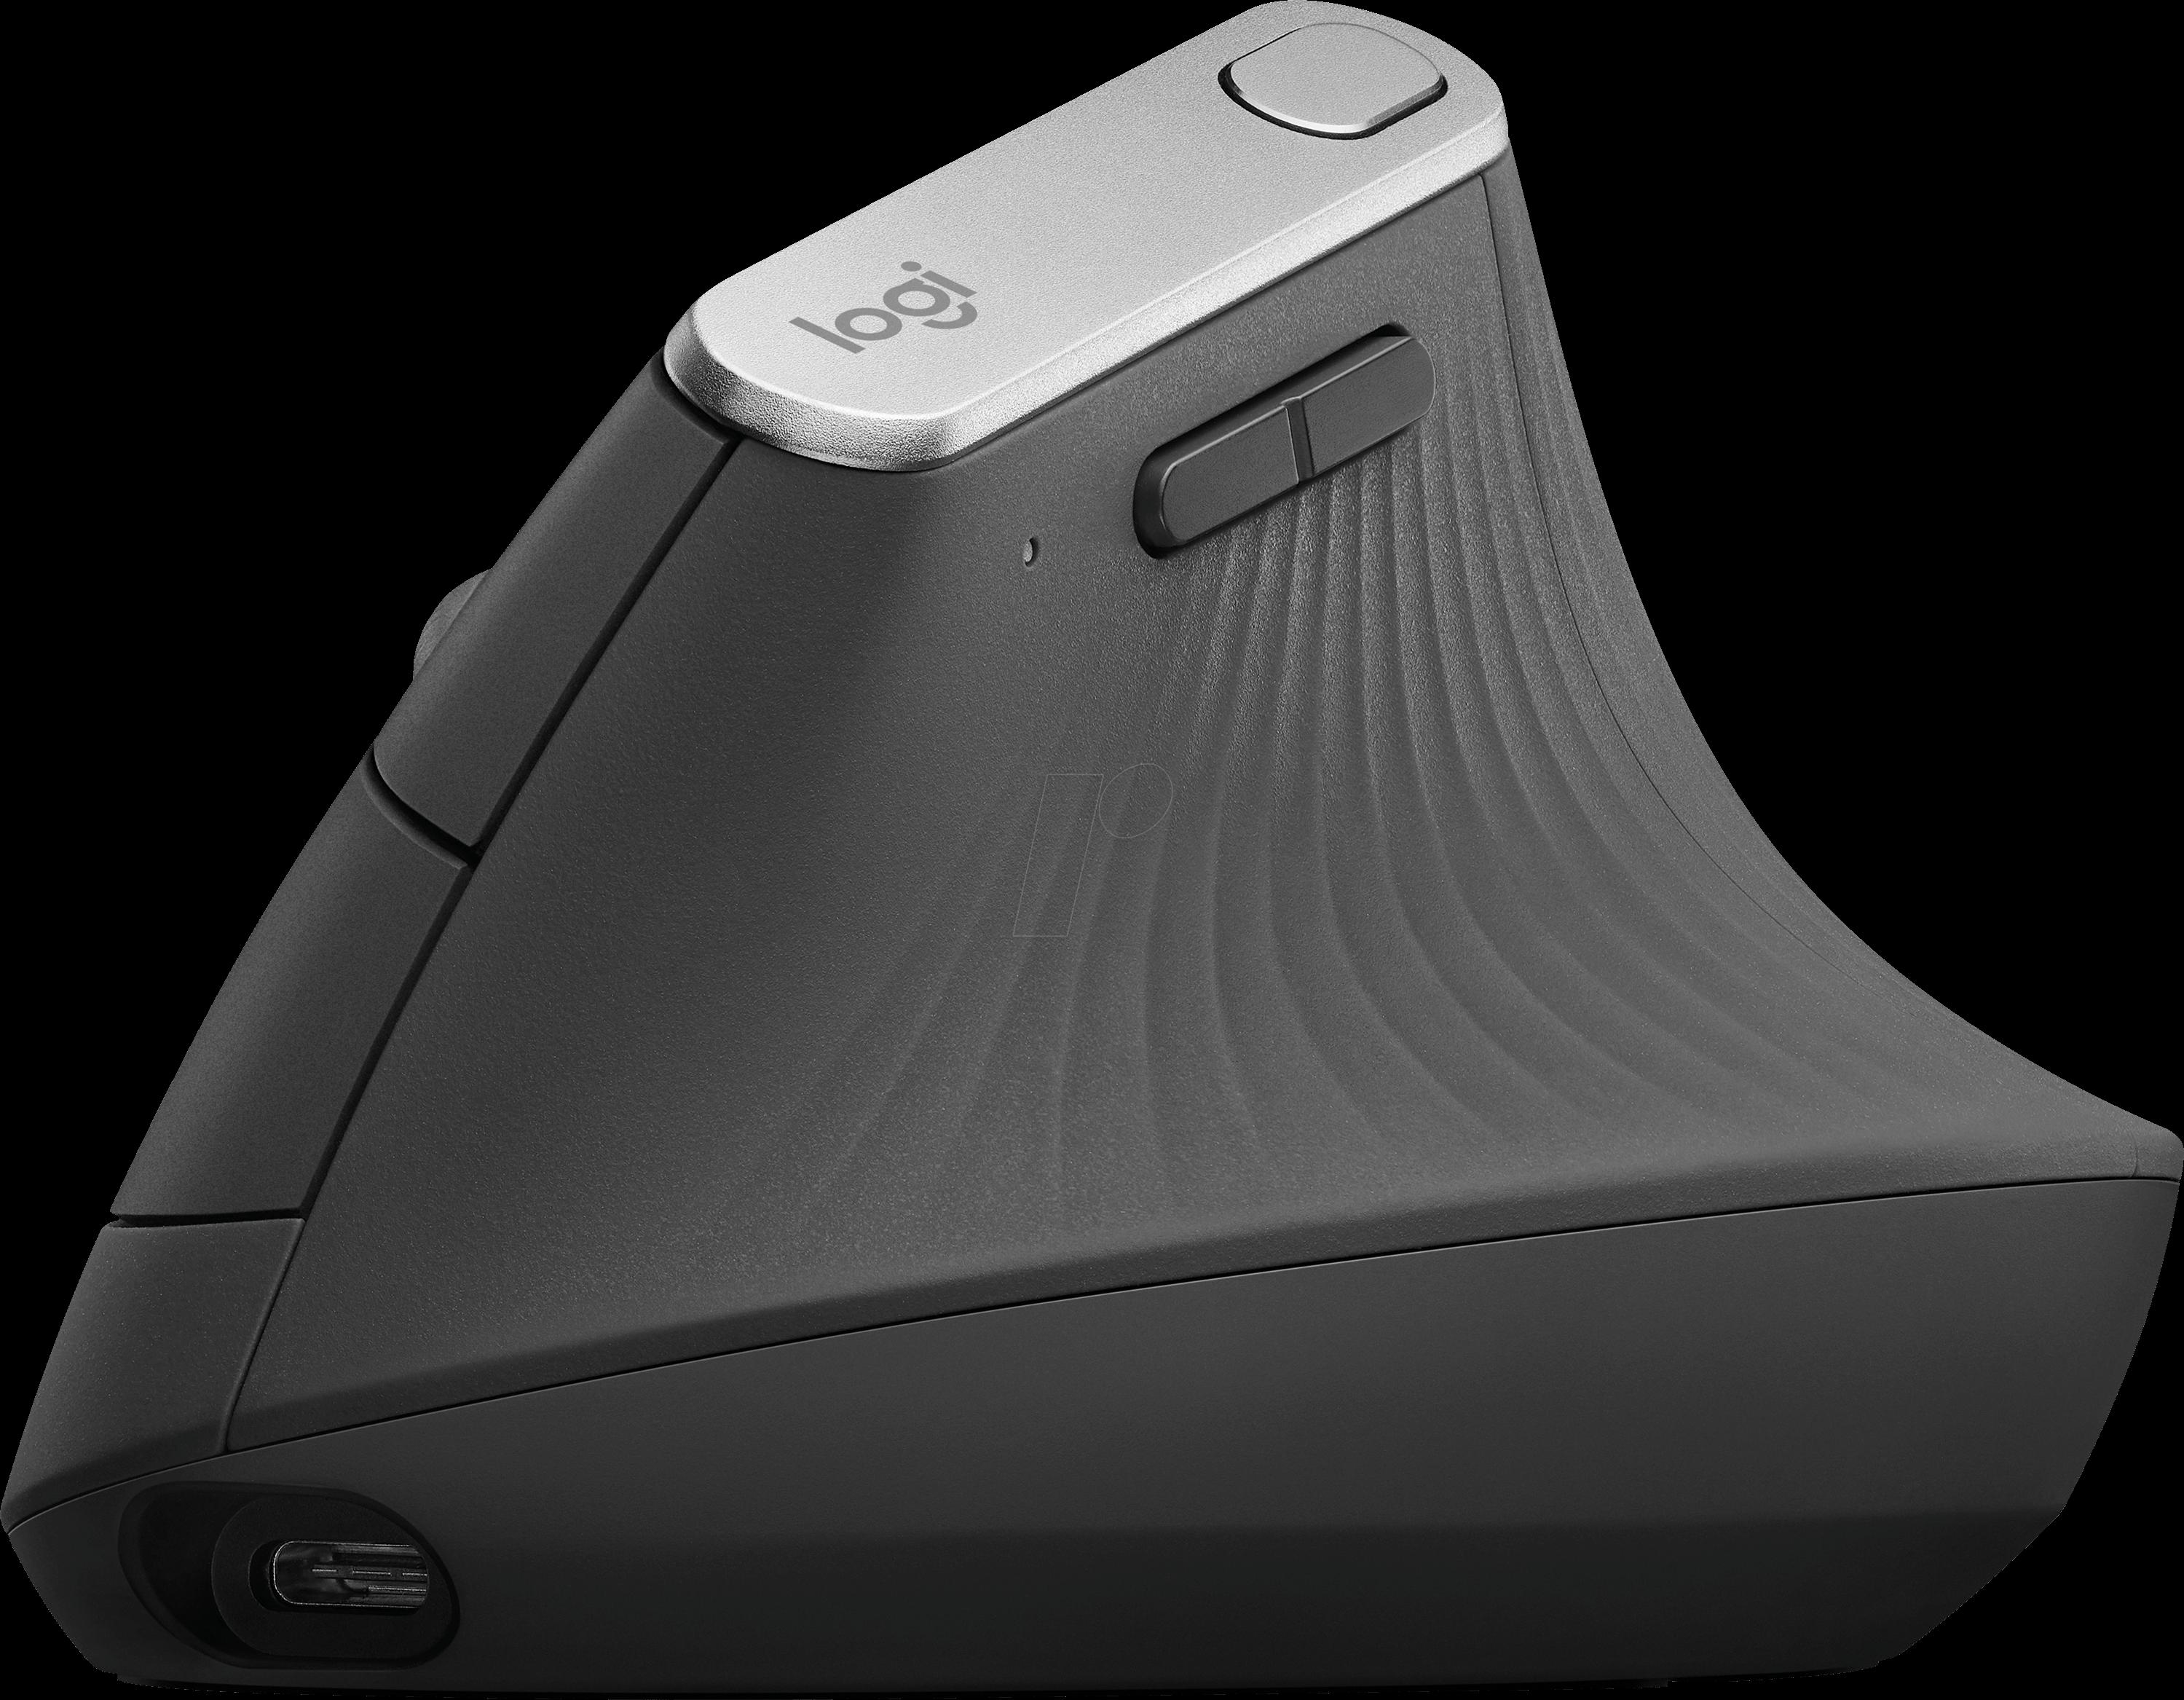 LOGITECH MX VERT - Mouse, Bluetooth, wireless, MX Vertical